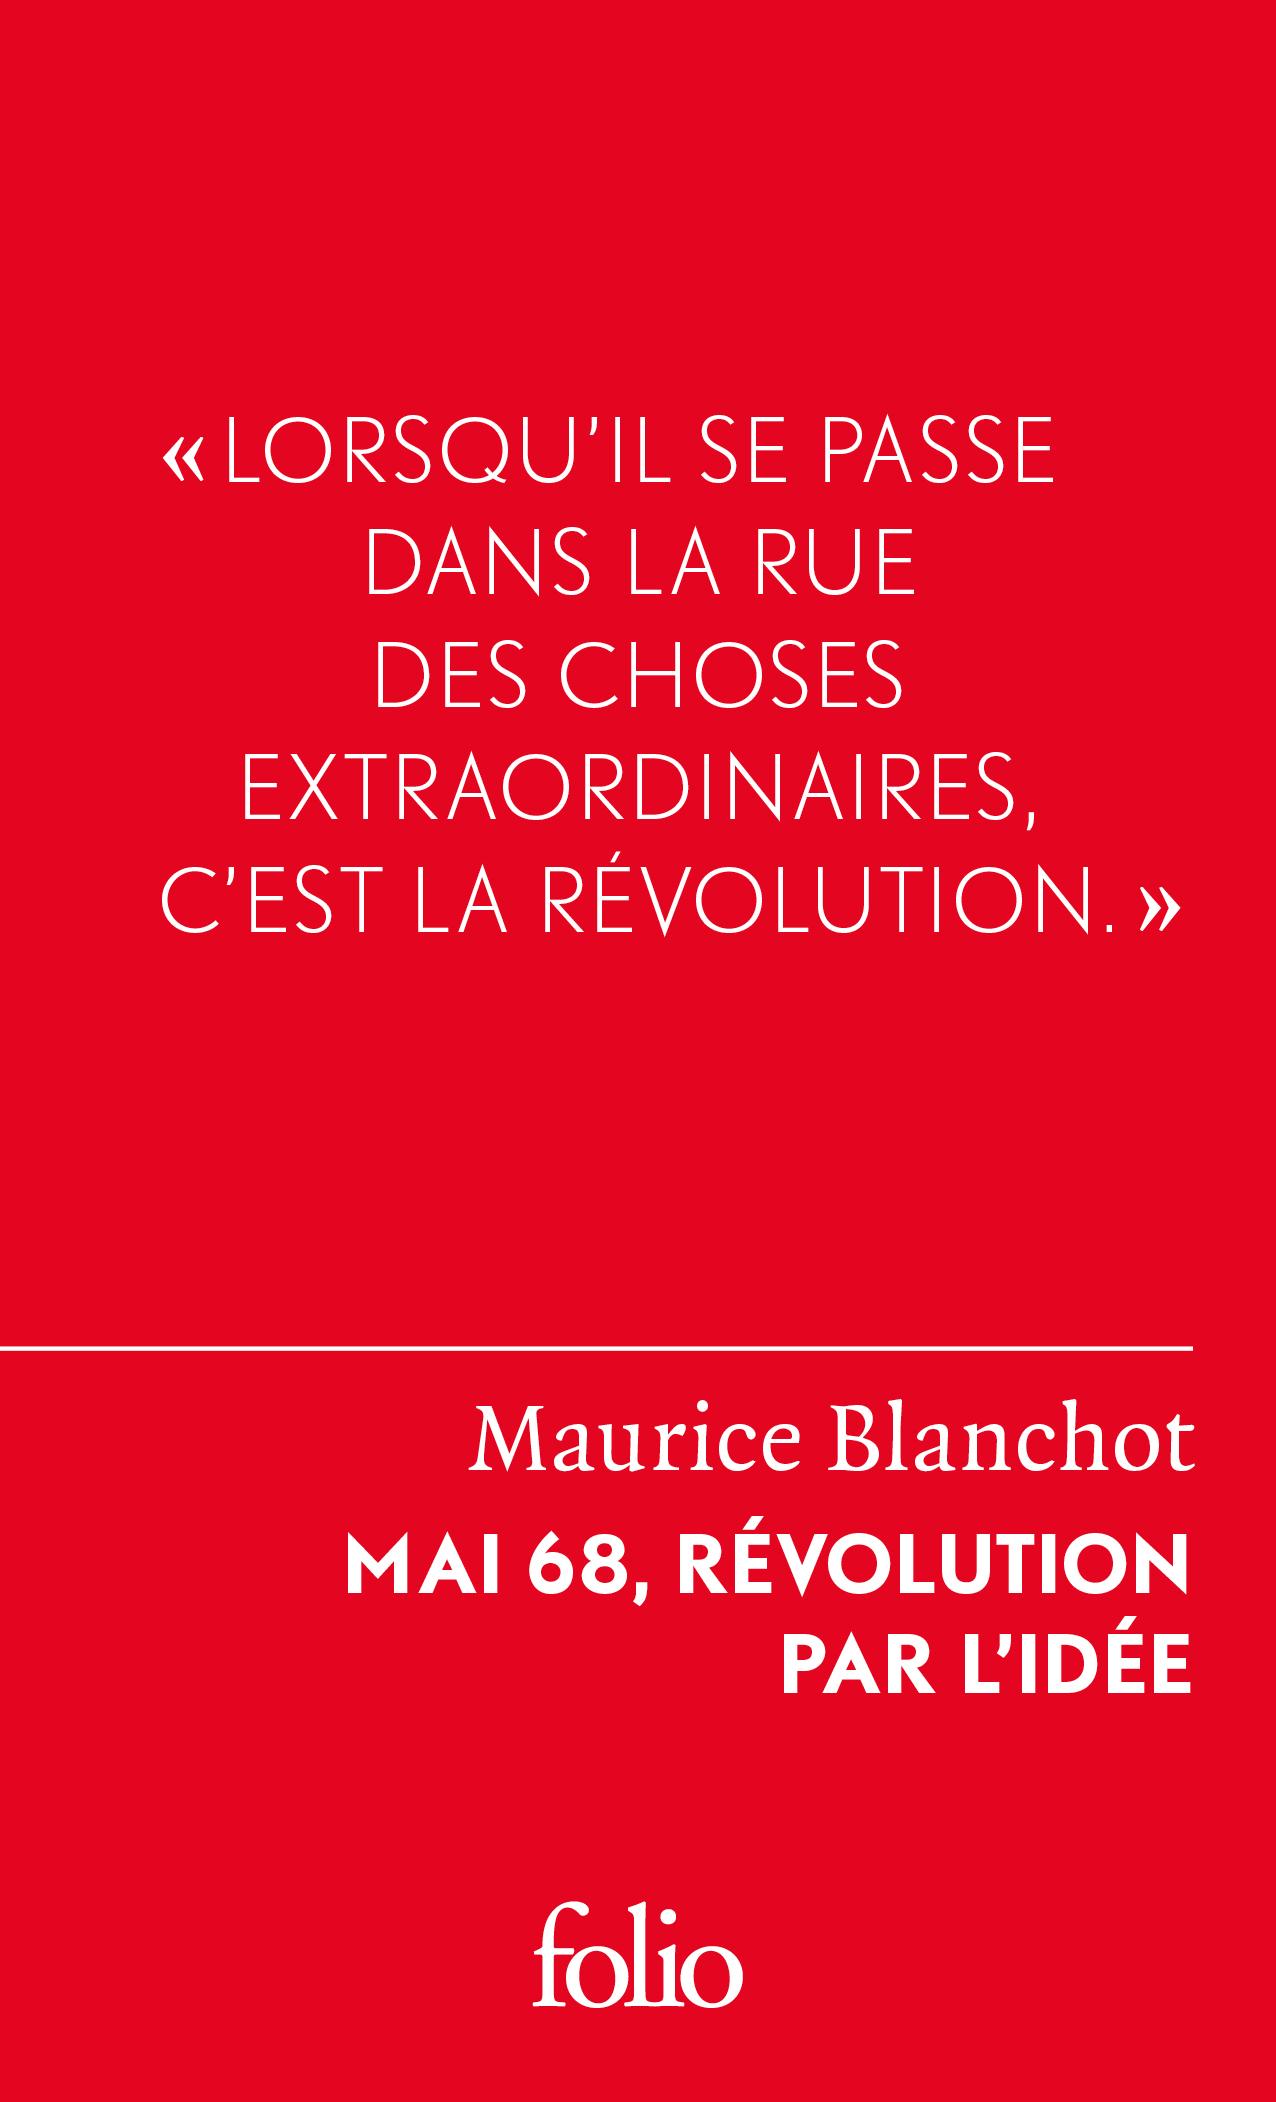 M. Blanchot, Mai 68, révolution par l'idée